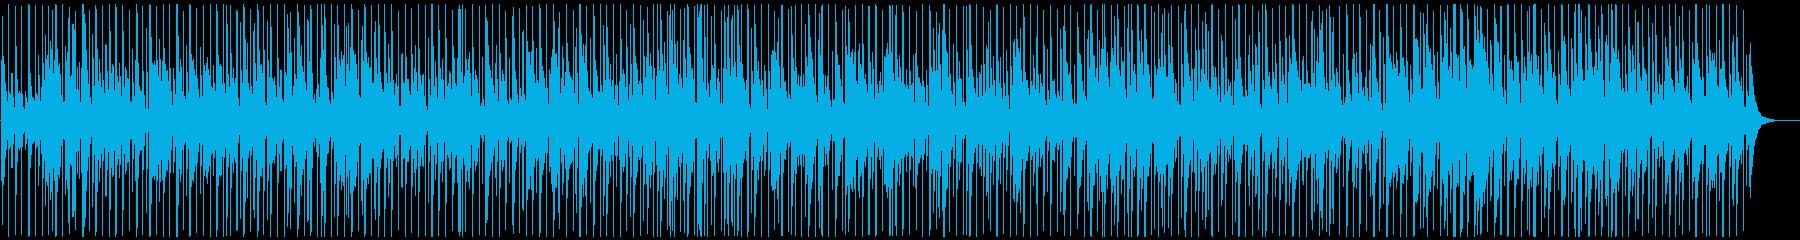 おしゃれなジャズボサノバBGM②の再生済みの波形